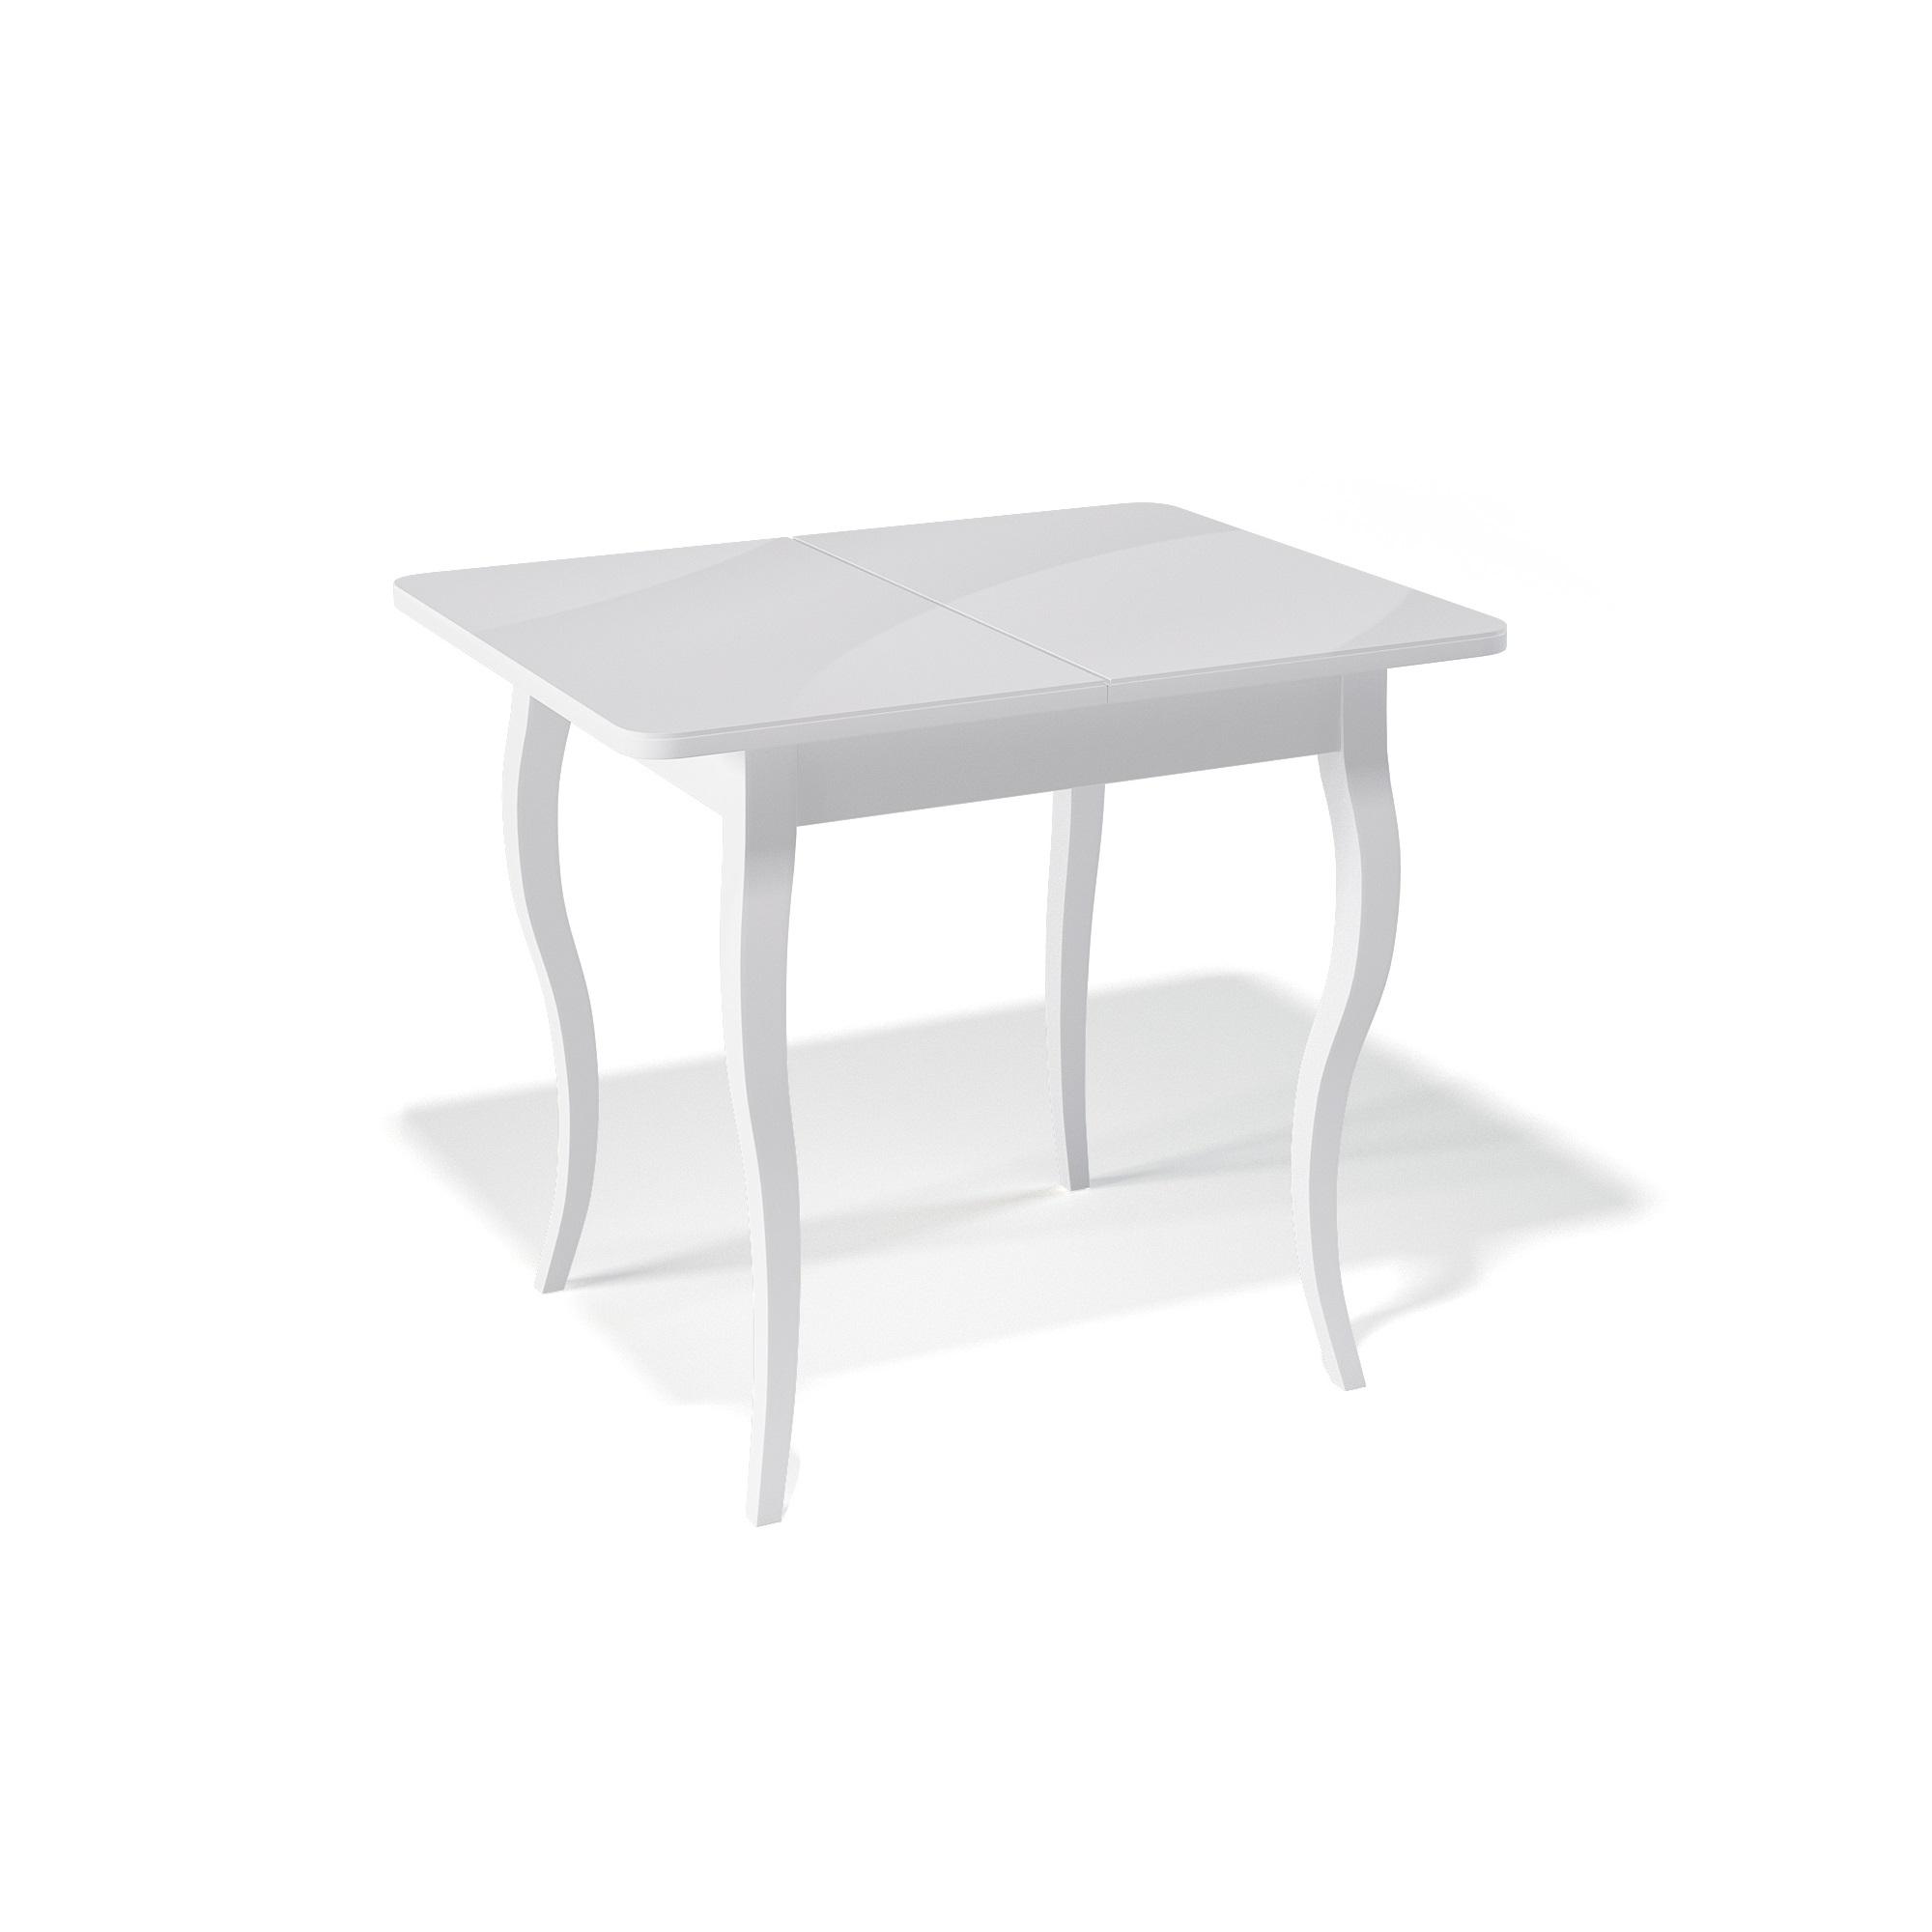 Стол обеденный KennerОбеденные столы<br>Ножки стола выполнены из массива бука, столешница - ДСП+стекло 4мм.&amp;amp;nbsp;&amp;lt;div&amp;gt;Механизм раскладки: синхронный, легкого скольжения.&amp;amp;nbsp;&amp;lt;/div&amp;gt;&amp;lt;div&amp;gt;На ножках установлены регулировочные винты.&amp;amp;nbsp;&amp;lt;/div&amp;gt;&amp;lt;div&amp;gt;Фурнитура в комплекте.&amp;amp;nbsp;&amp;lt;/div&amp;gt;&amp;lt;div&amp;gt;Стол раскладной,вставка &amp;quot;бабочка&amp;quot; со стеклом.&amp;amp;nbsp;&amp;lt;/div&amp;gt;&amp;lt;div&amp;gt;Размер столешницы в разложенном виде: 120х70 см. &amp;lt;/div&amp;gt;<br><br>Material: Дерево<br>Width см: 90<br>Depth см: 70<br>Height см: 75